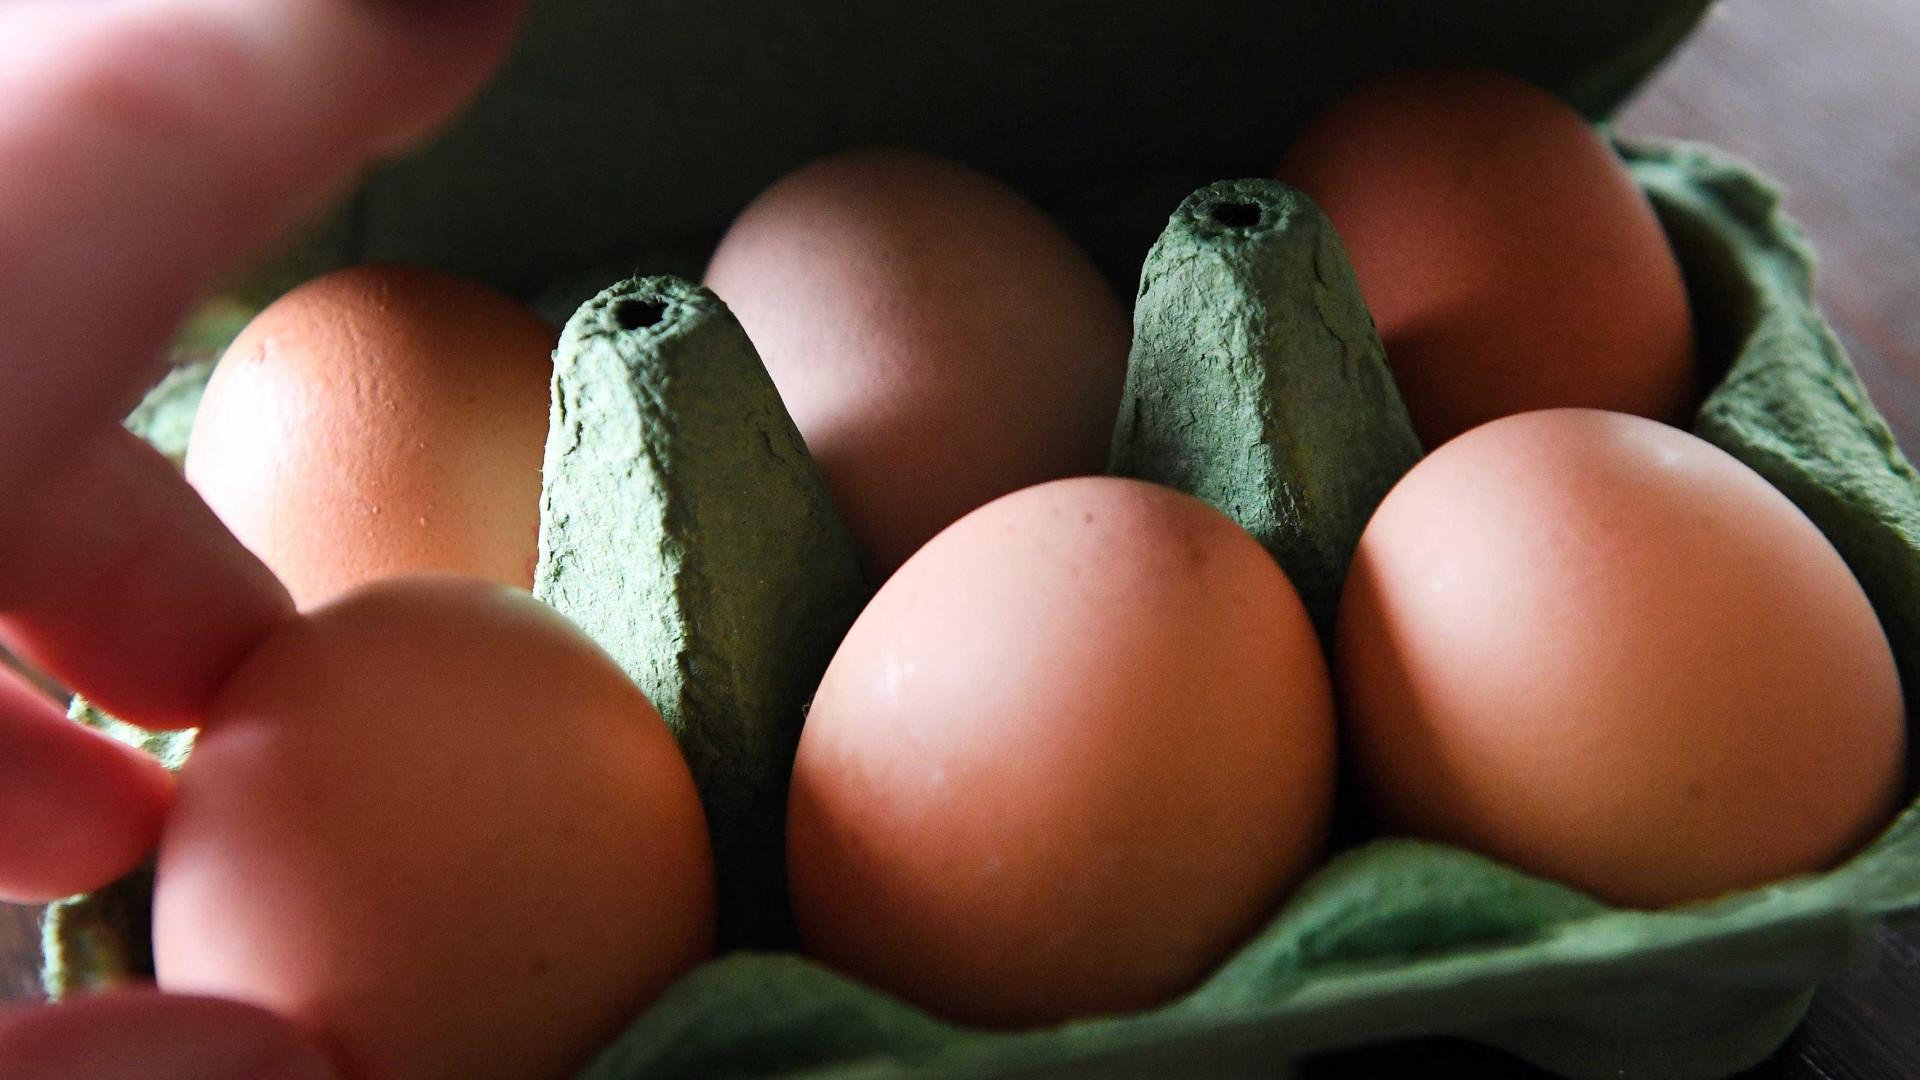 Bruxelas confirma ovos contaminados em 15 países da União Europeia